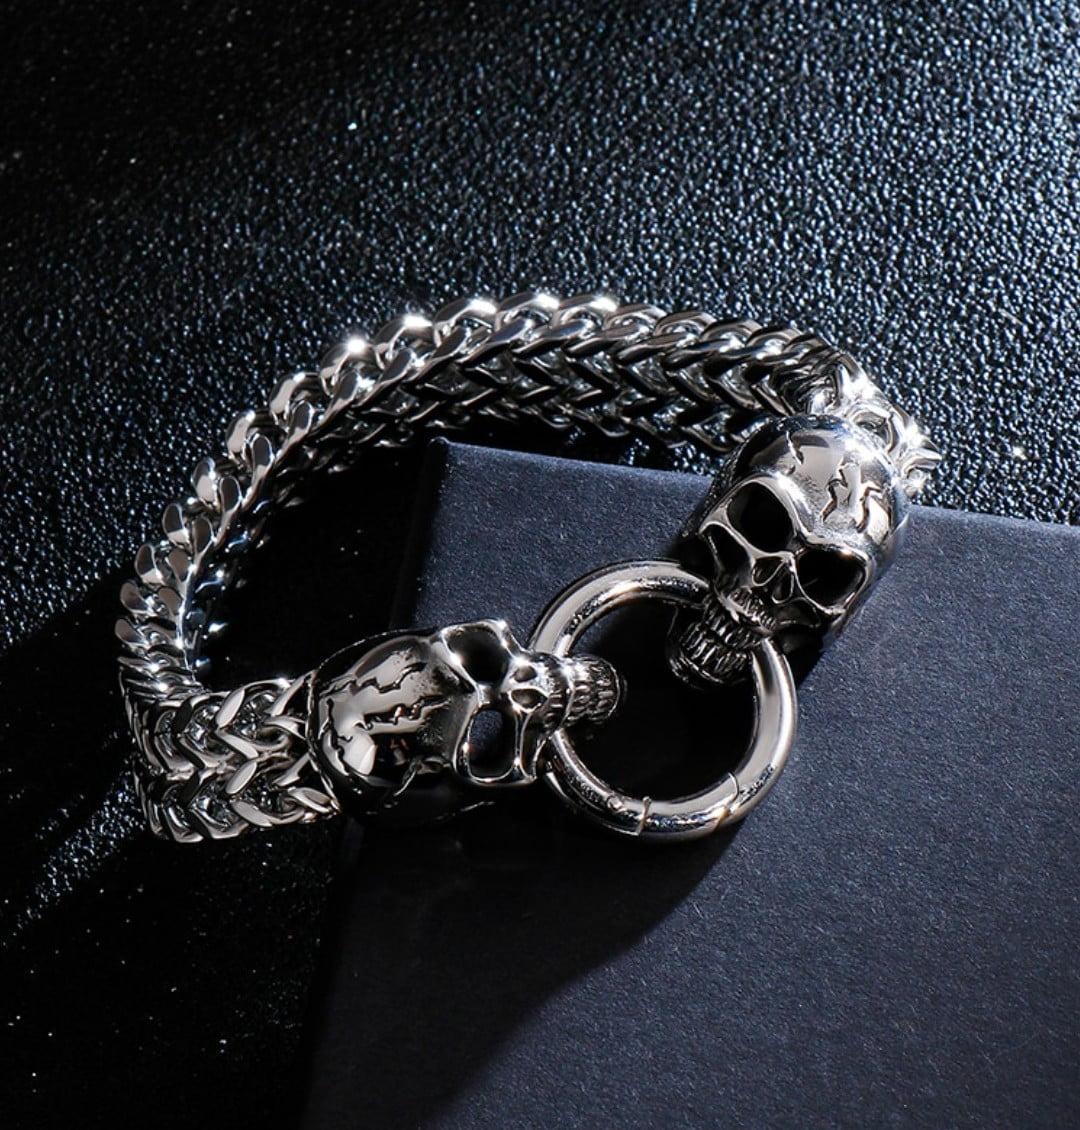 Lindo bracelete de caveira cranio em aço inoxidável 316L joia para a vida toda